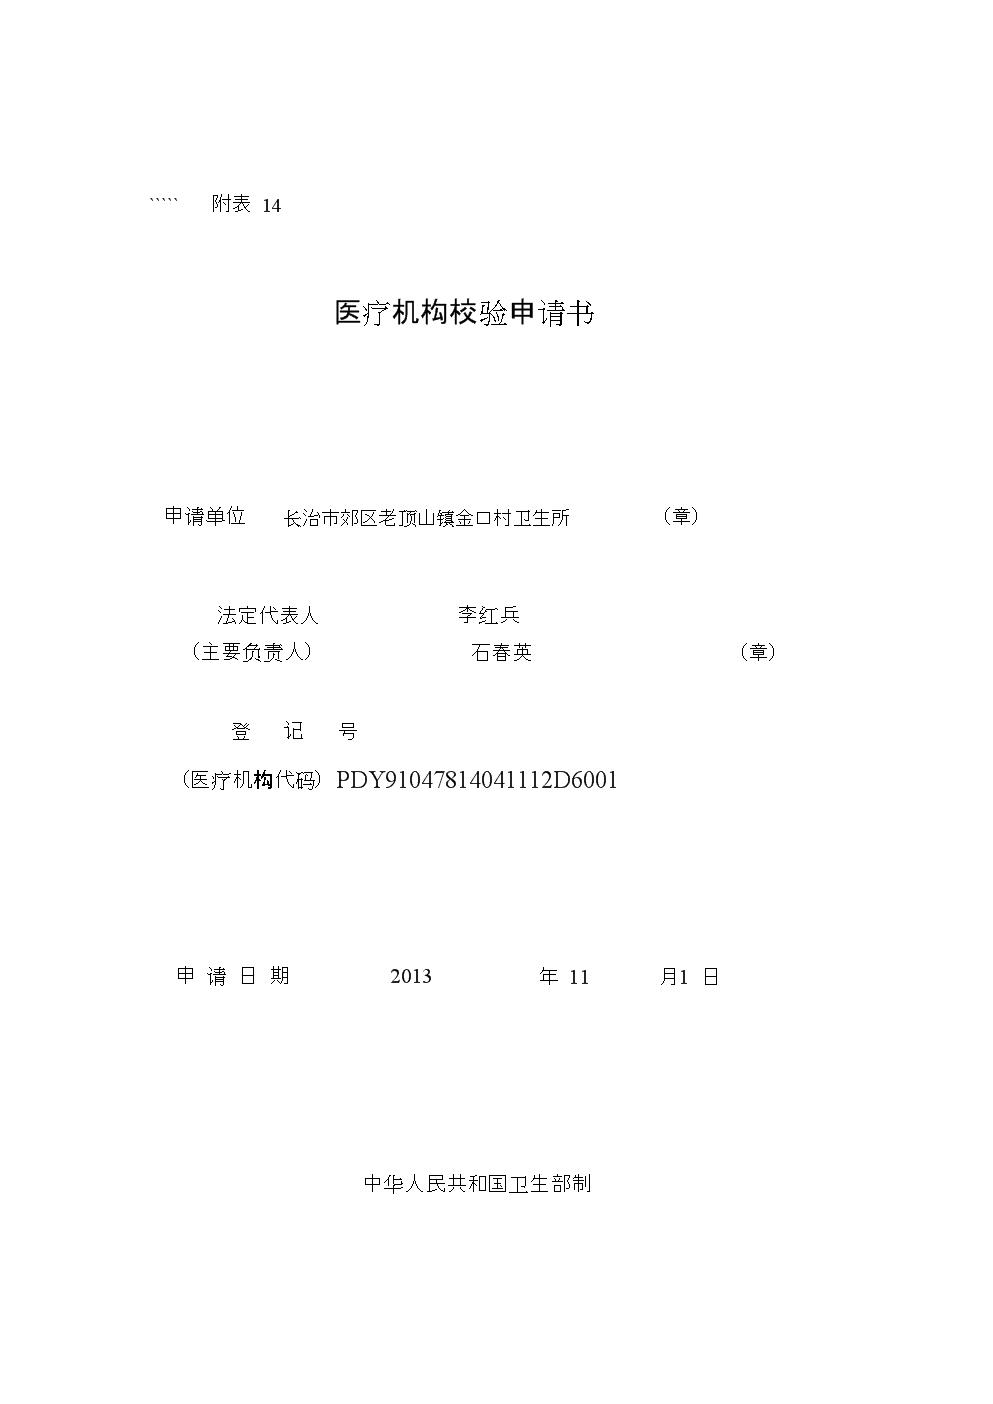 山门村医疗机构校验申请书.docx